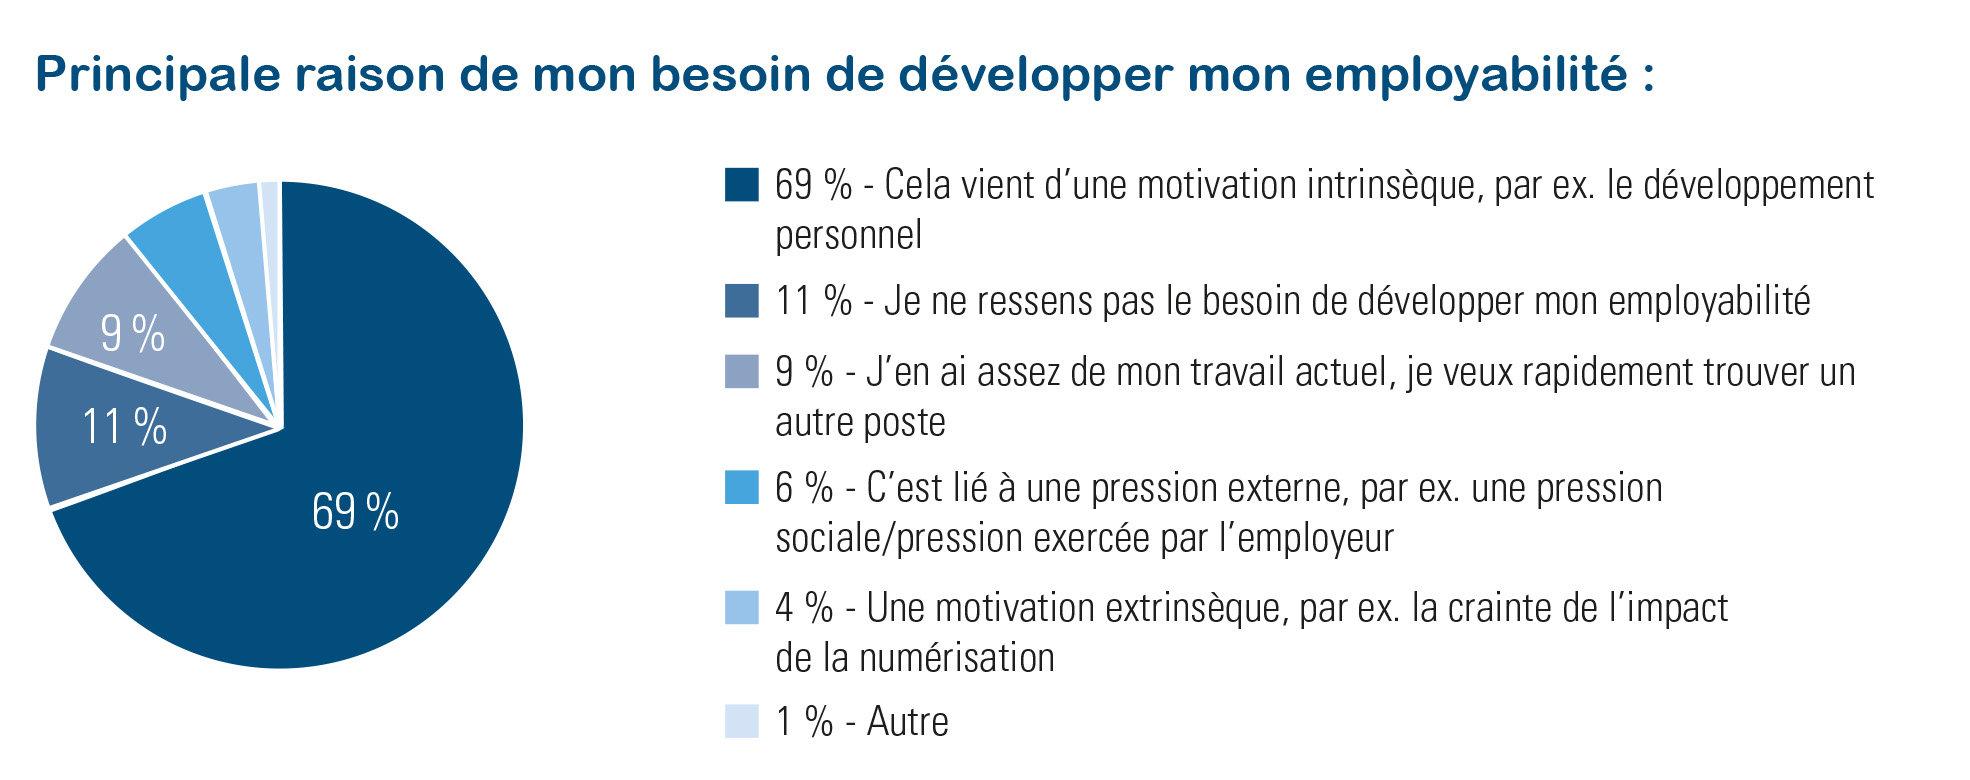 Actions de motivation pour l'employabilité pour les travailleurs - Talent Pulse